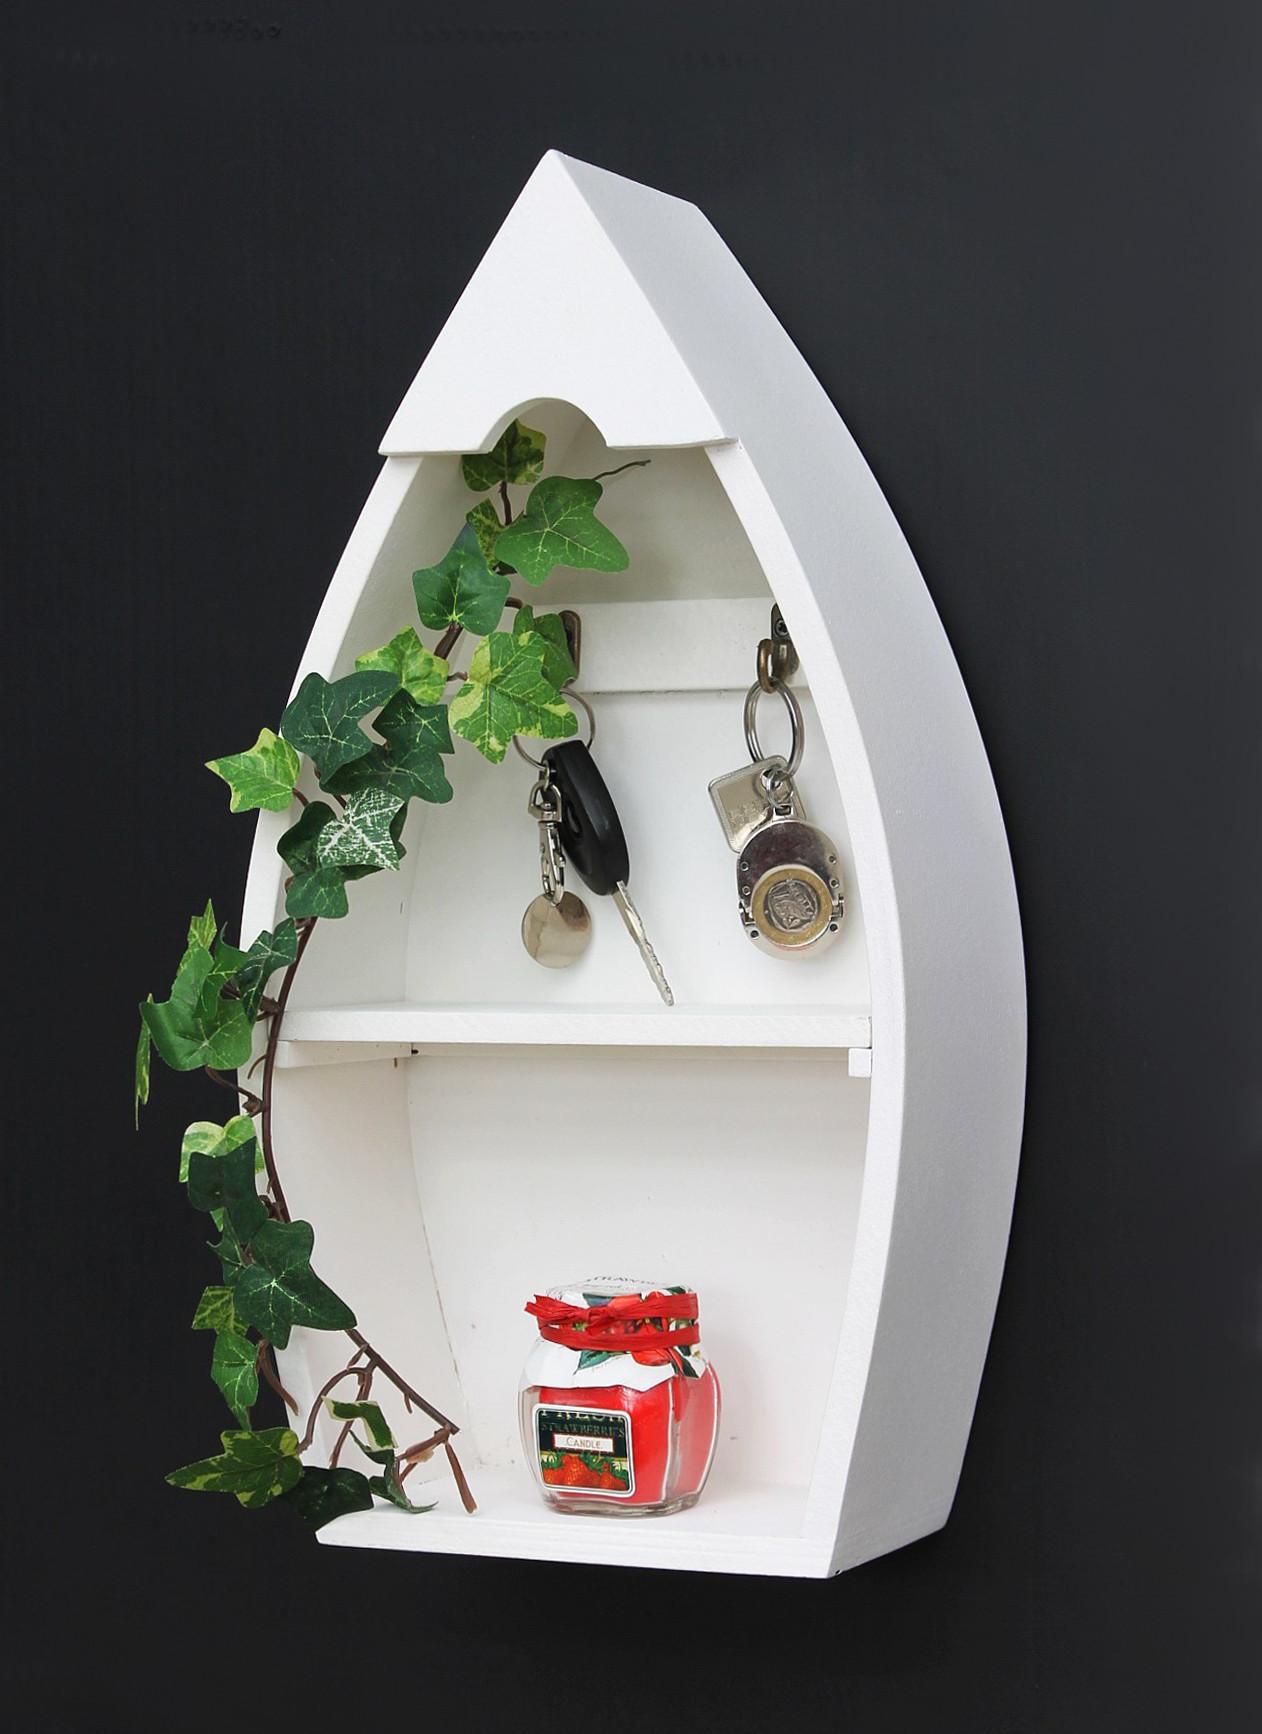 schl sselboard mit ablage boot 93542 xl schl sselhaken wandregal 38 cm schl sselleiste. Black Bedroom Furniture Sets. Home Design Ideas